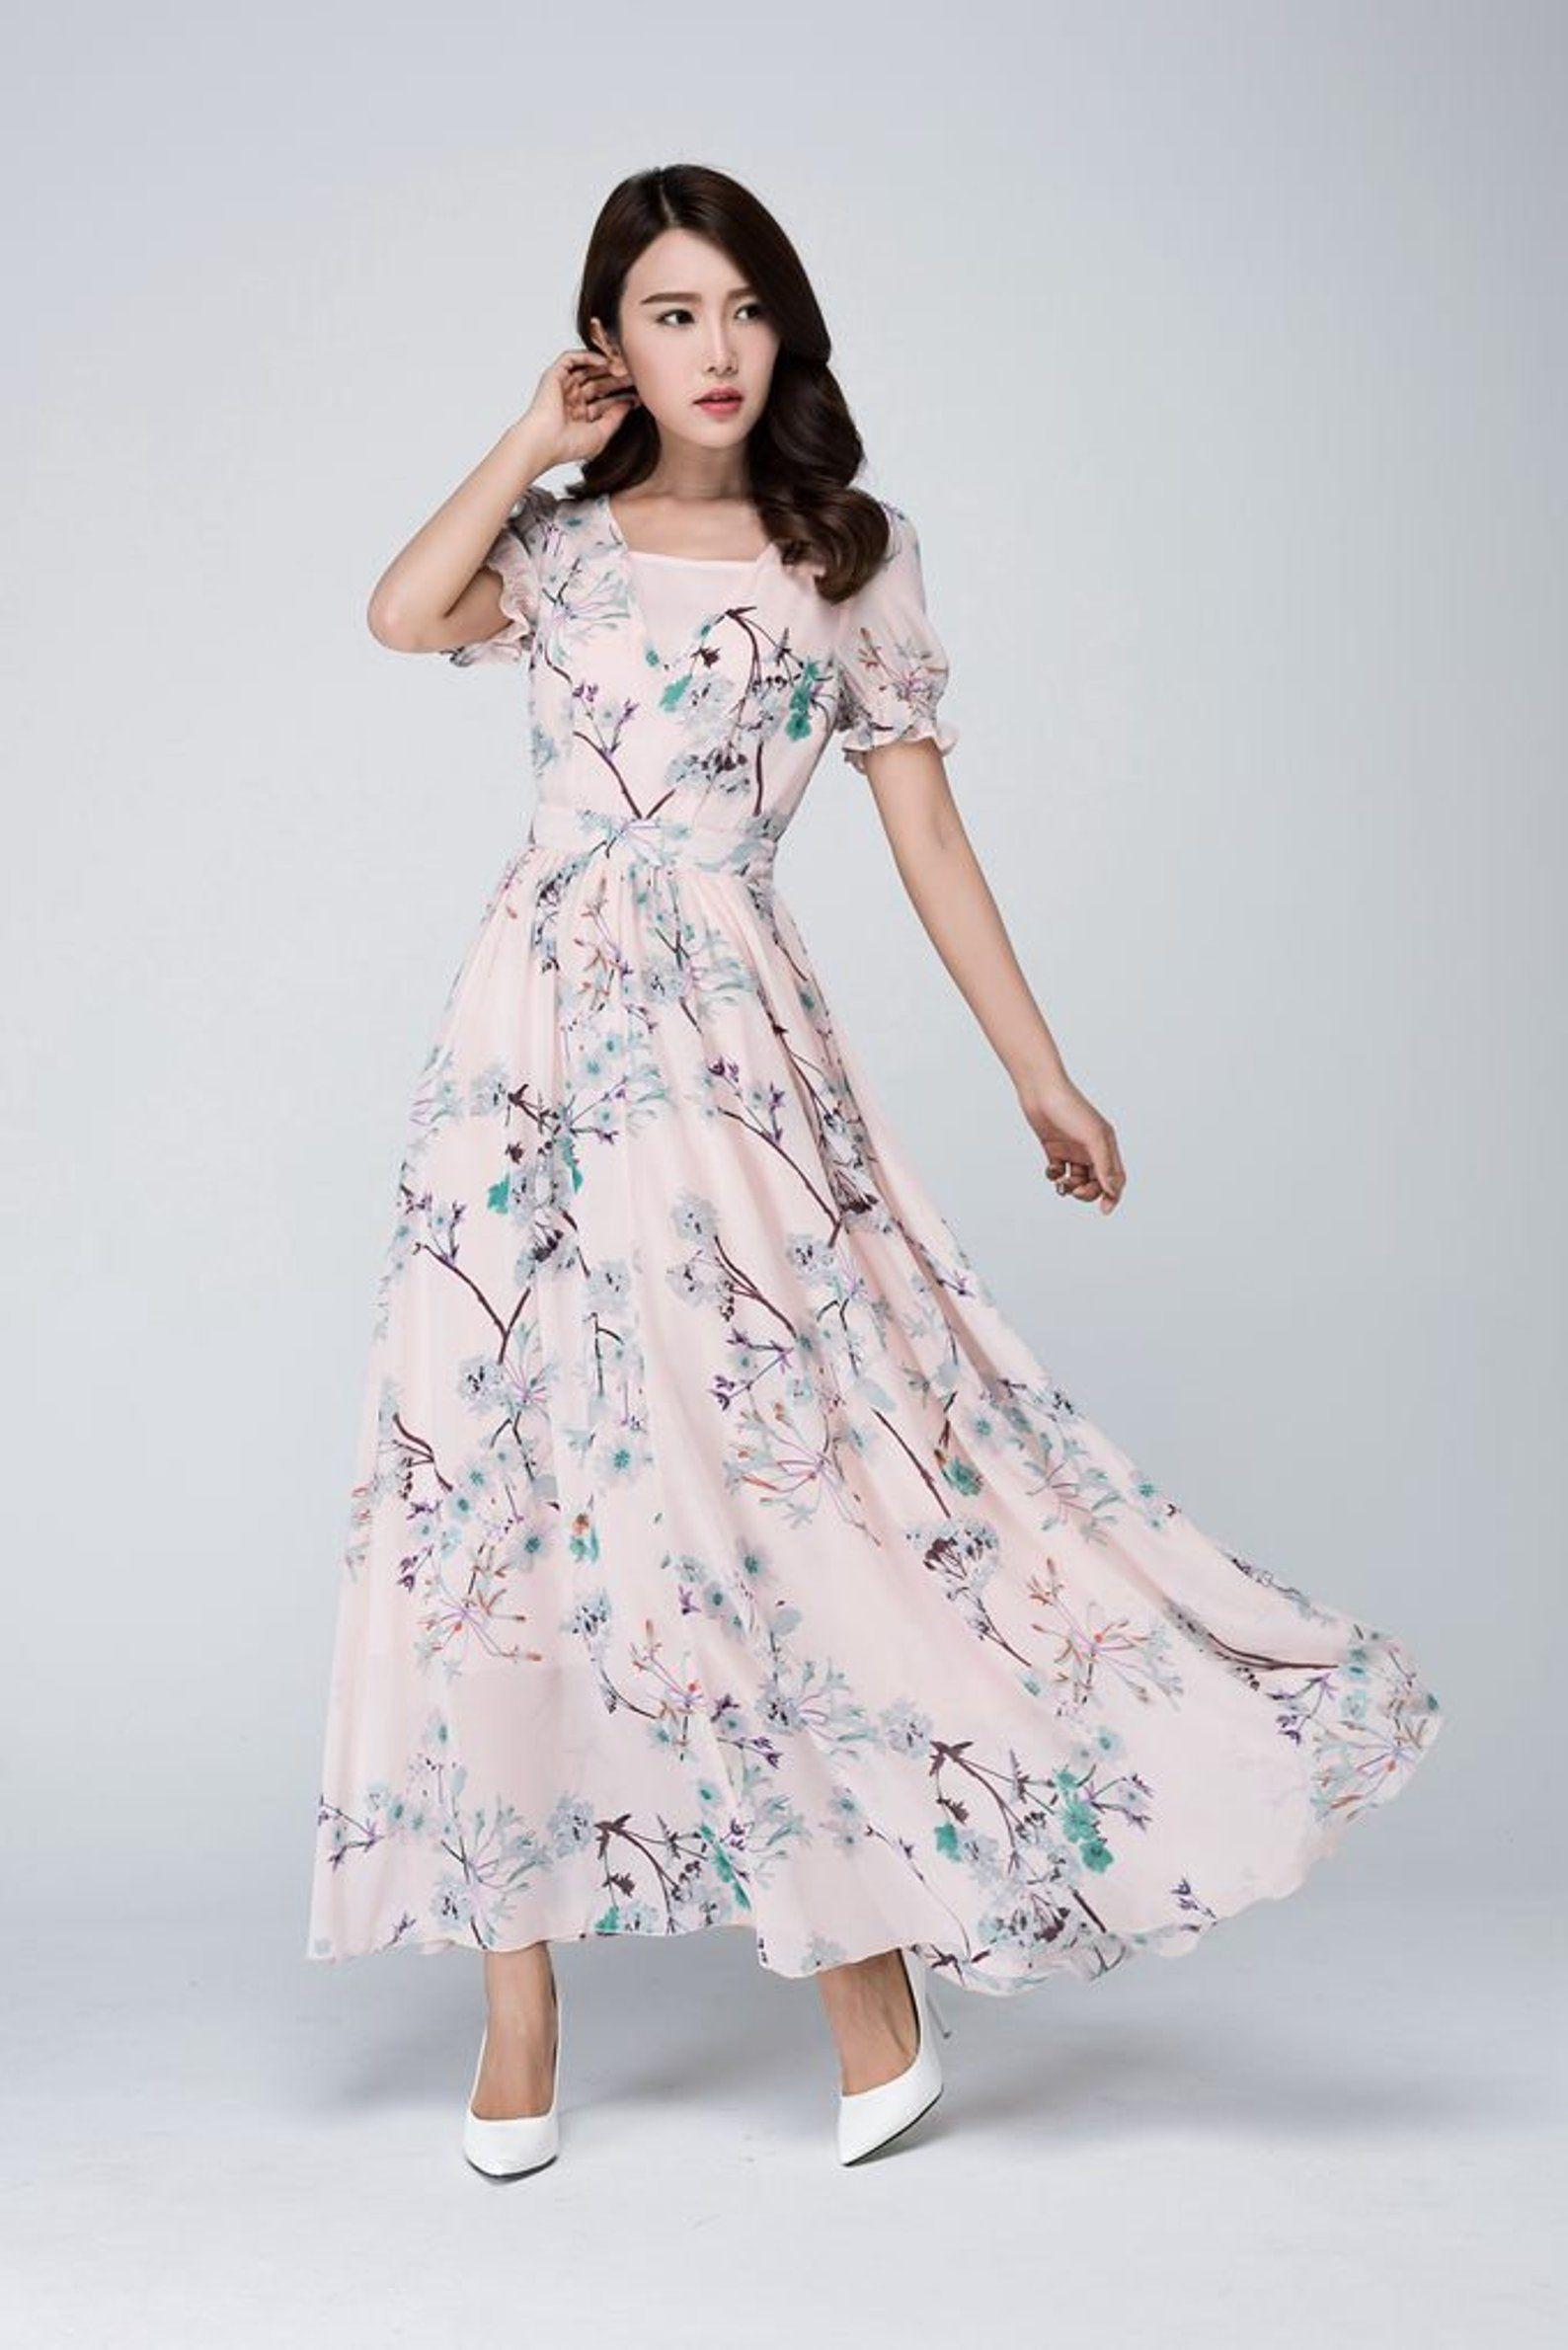 Chiffon Kleid Blumenkleid Maxi-Kleid Frauen Kleider  Etsy  Boho